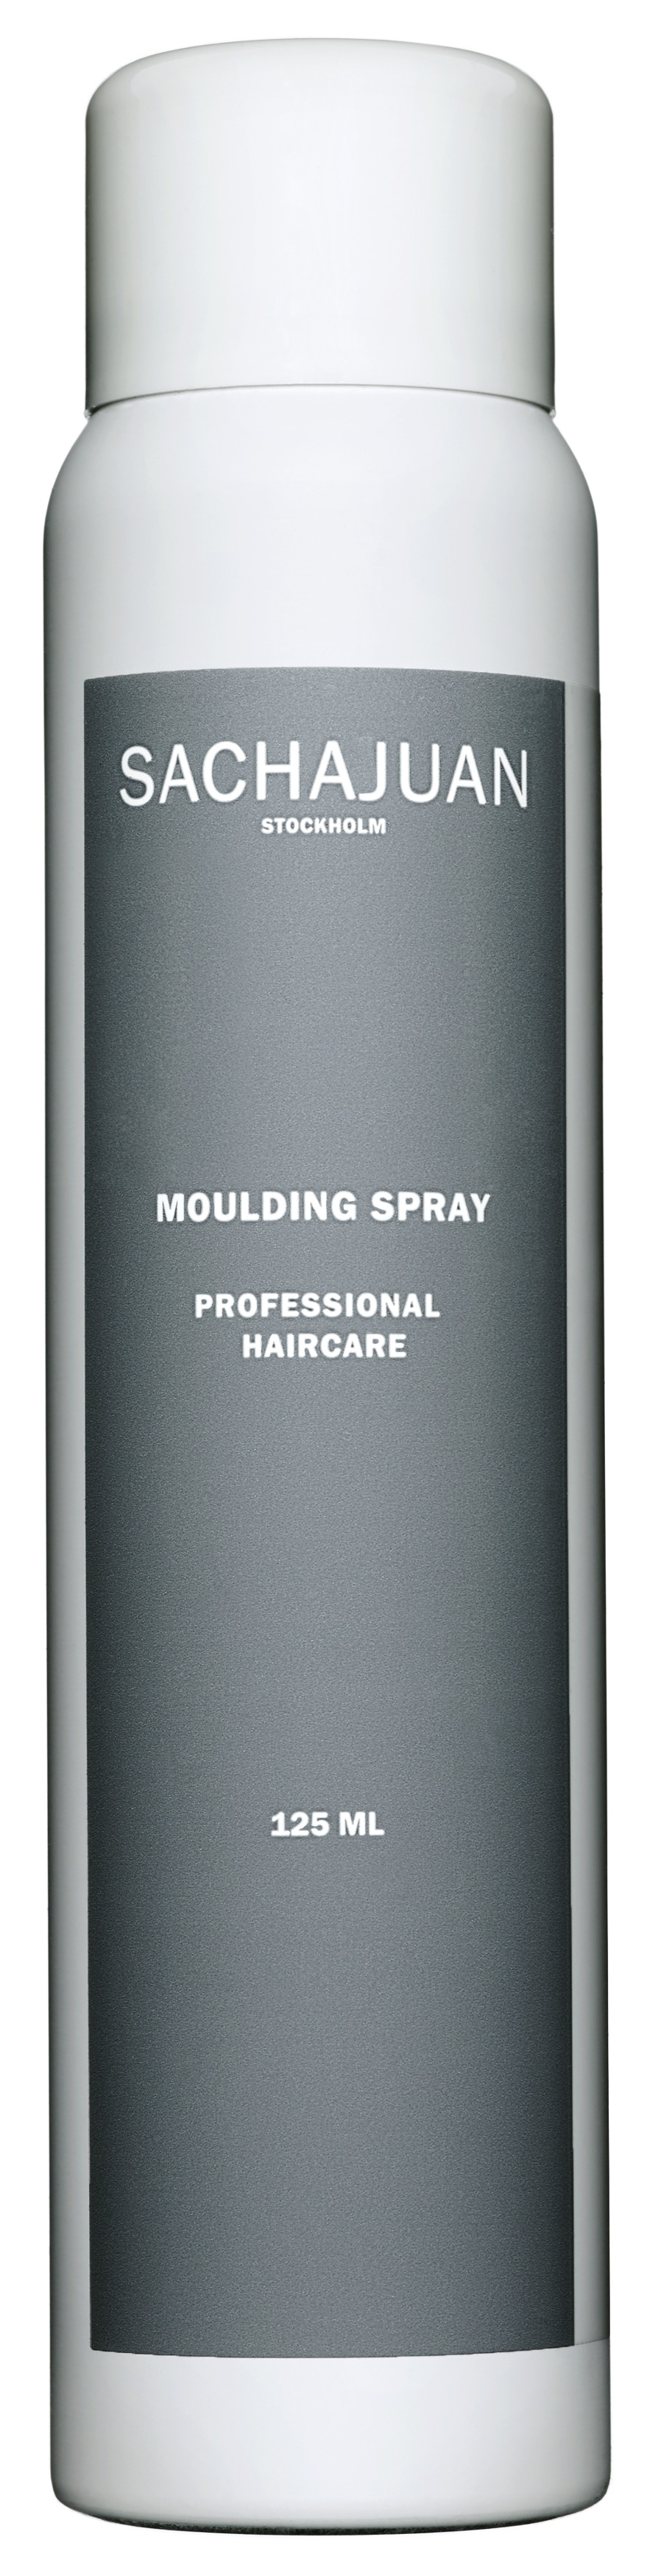 SACHAJUAN lanza su nuevo spray moldeador para definir el cabello al instante